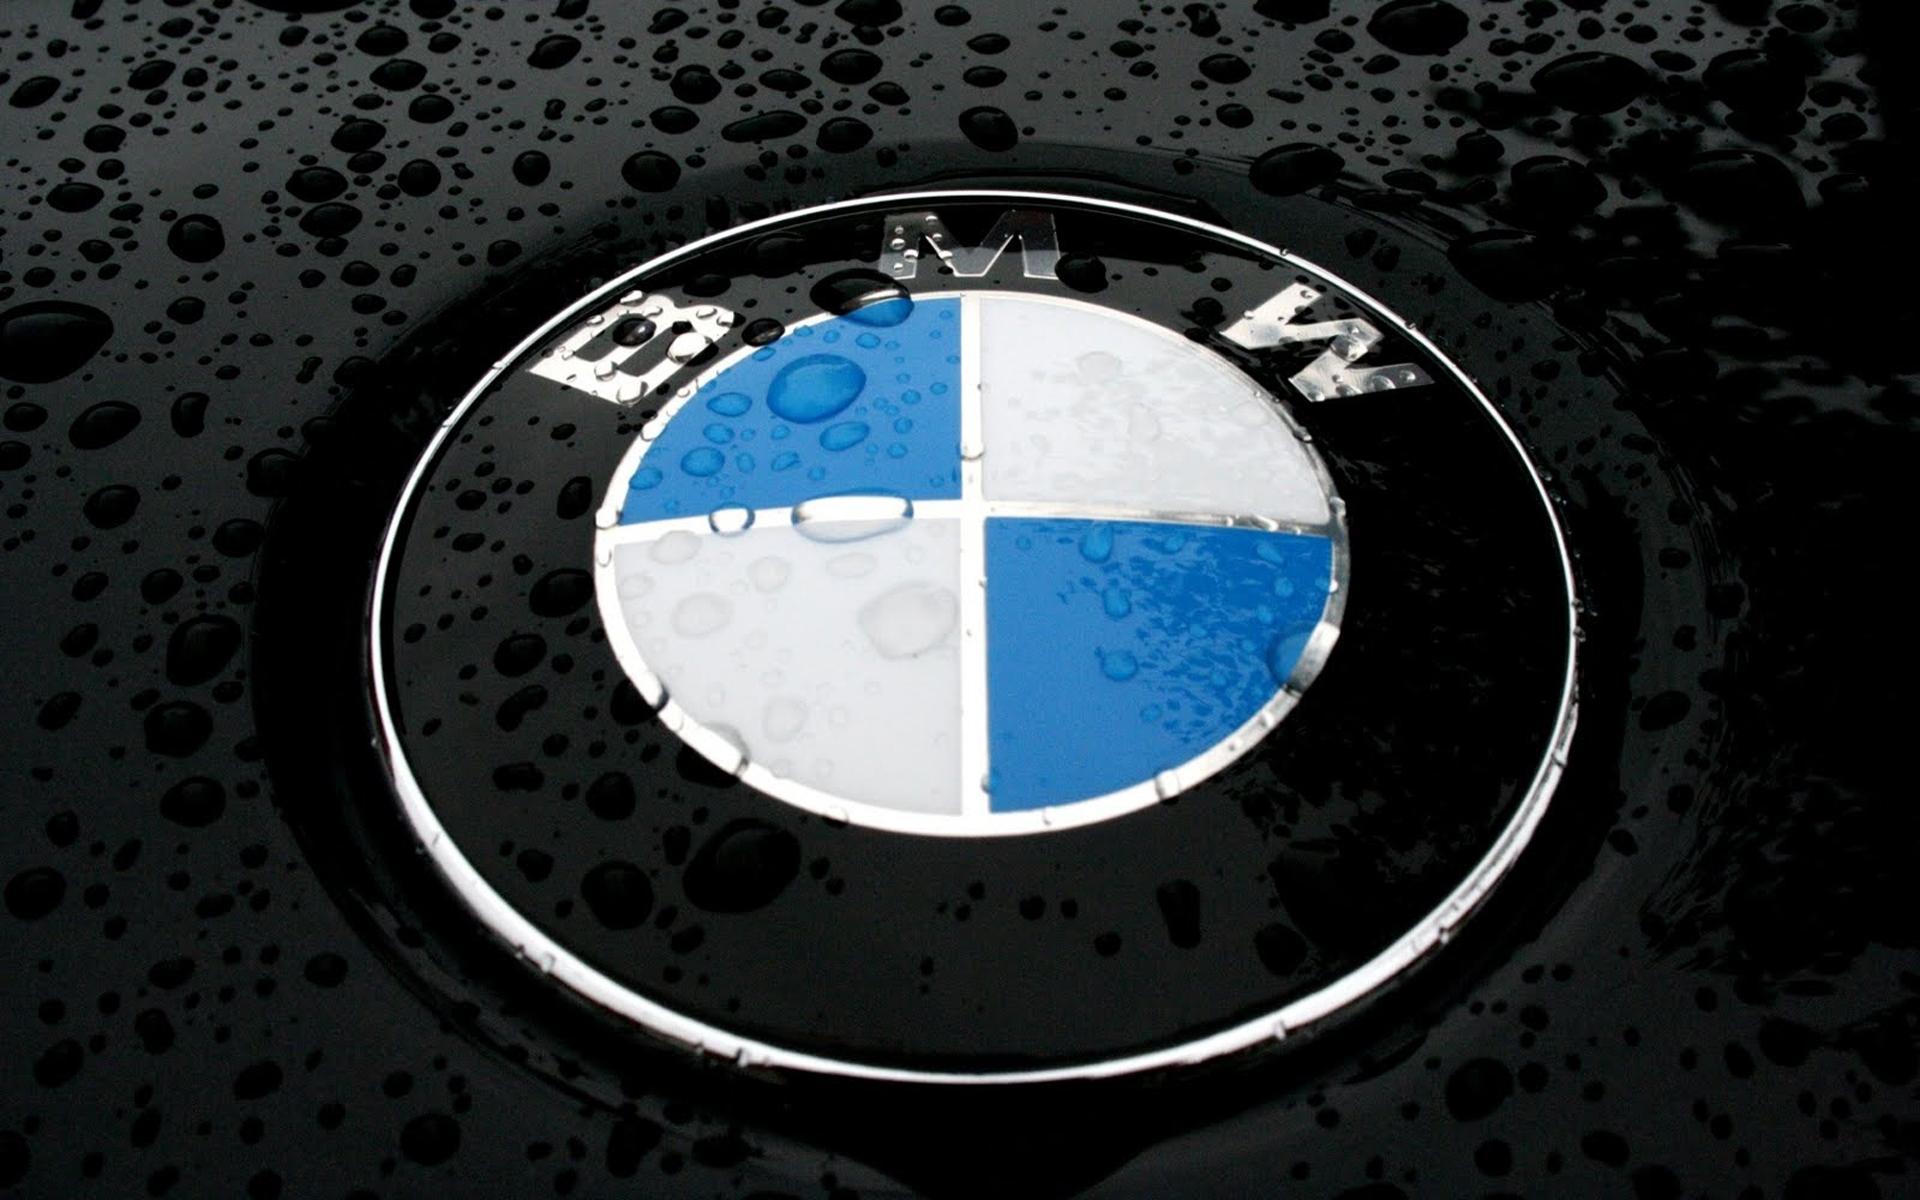 BMW trucos y curiosidadades